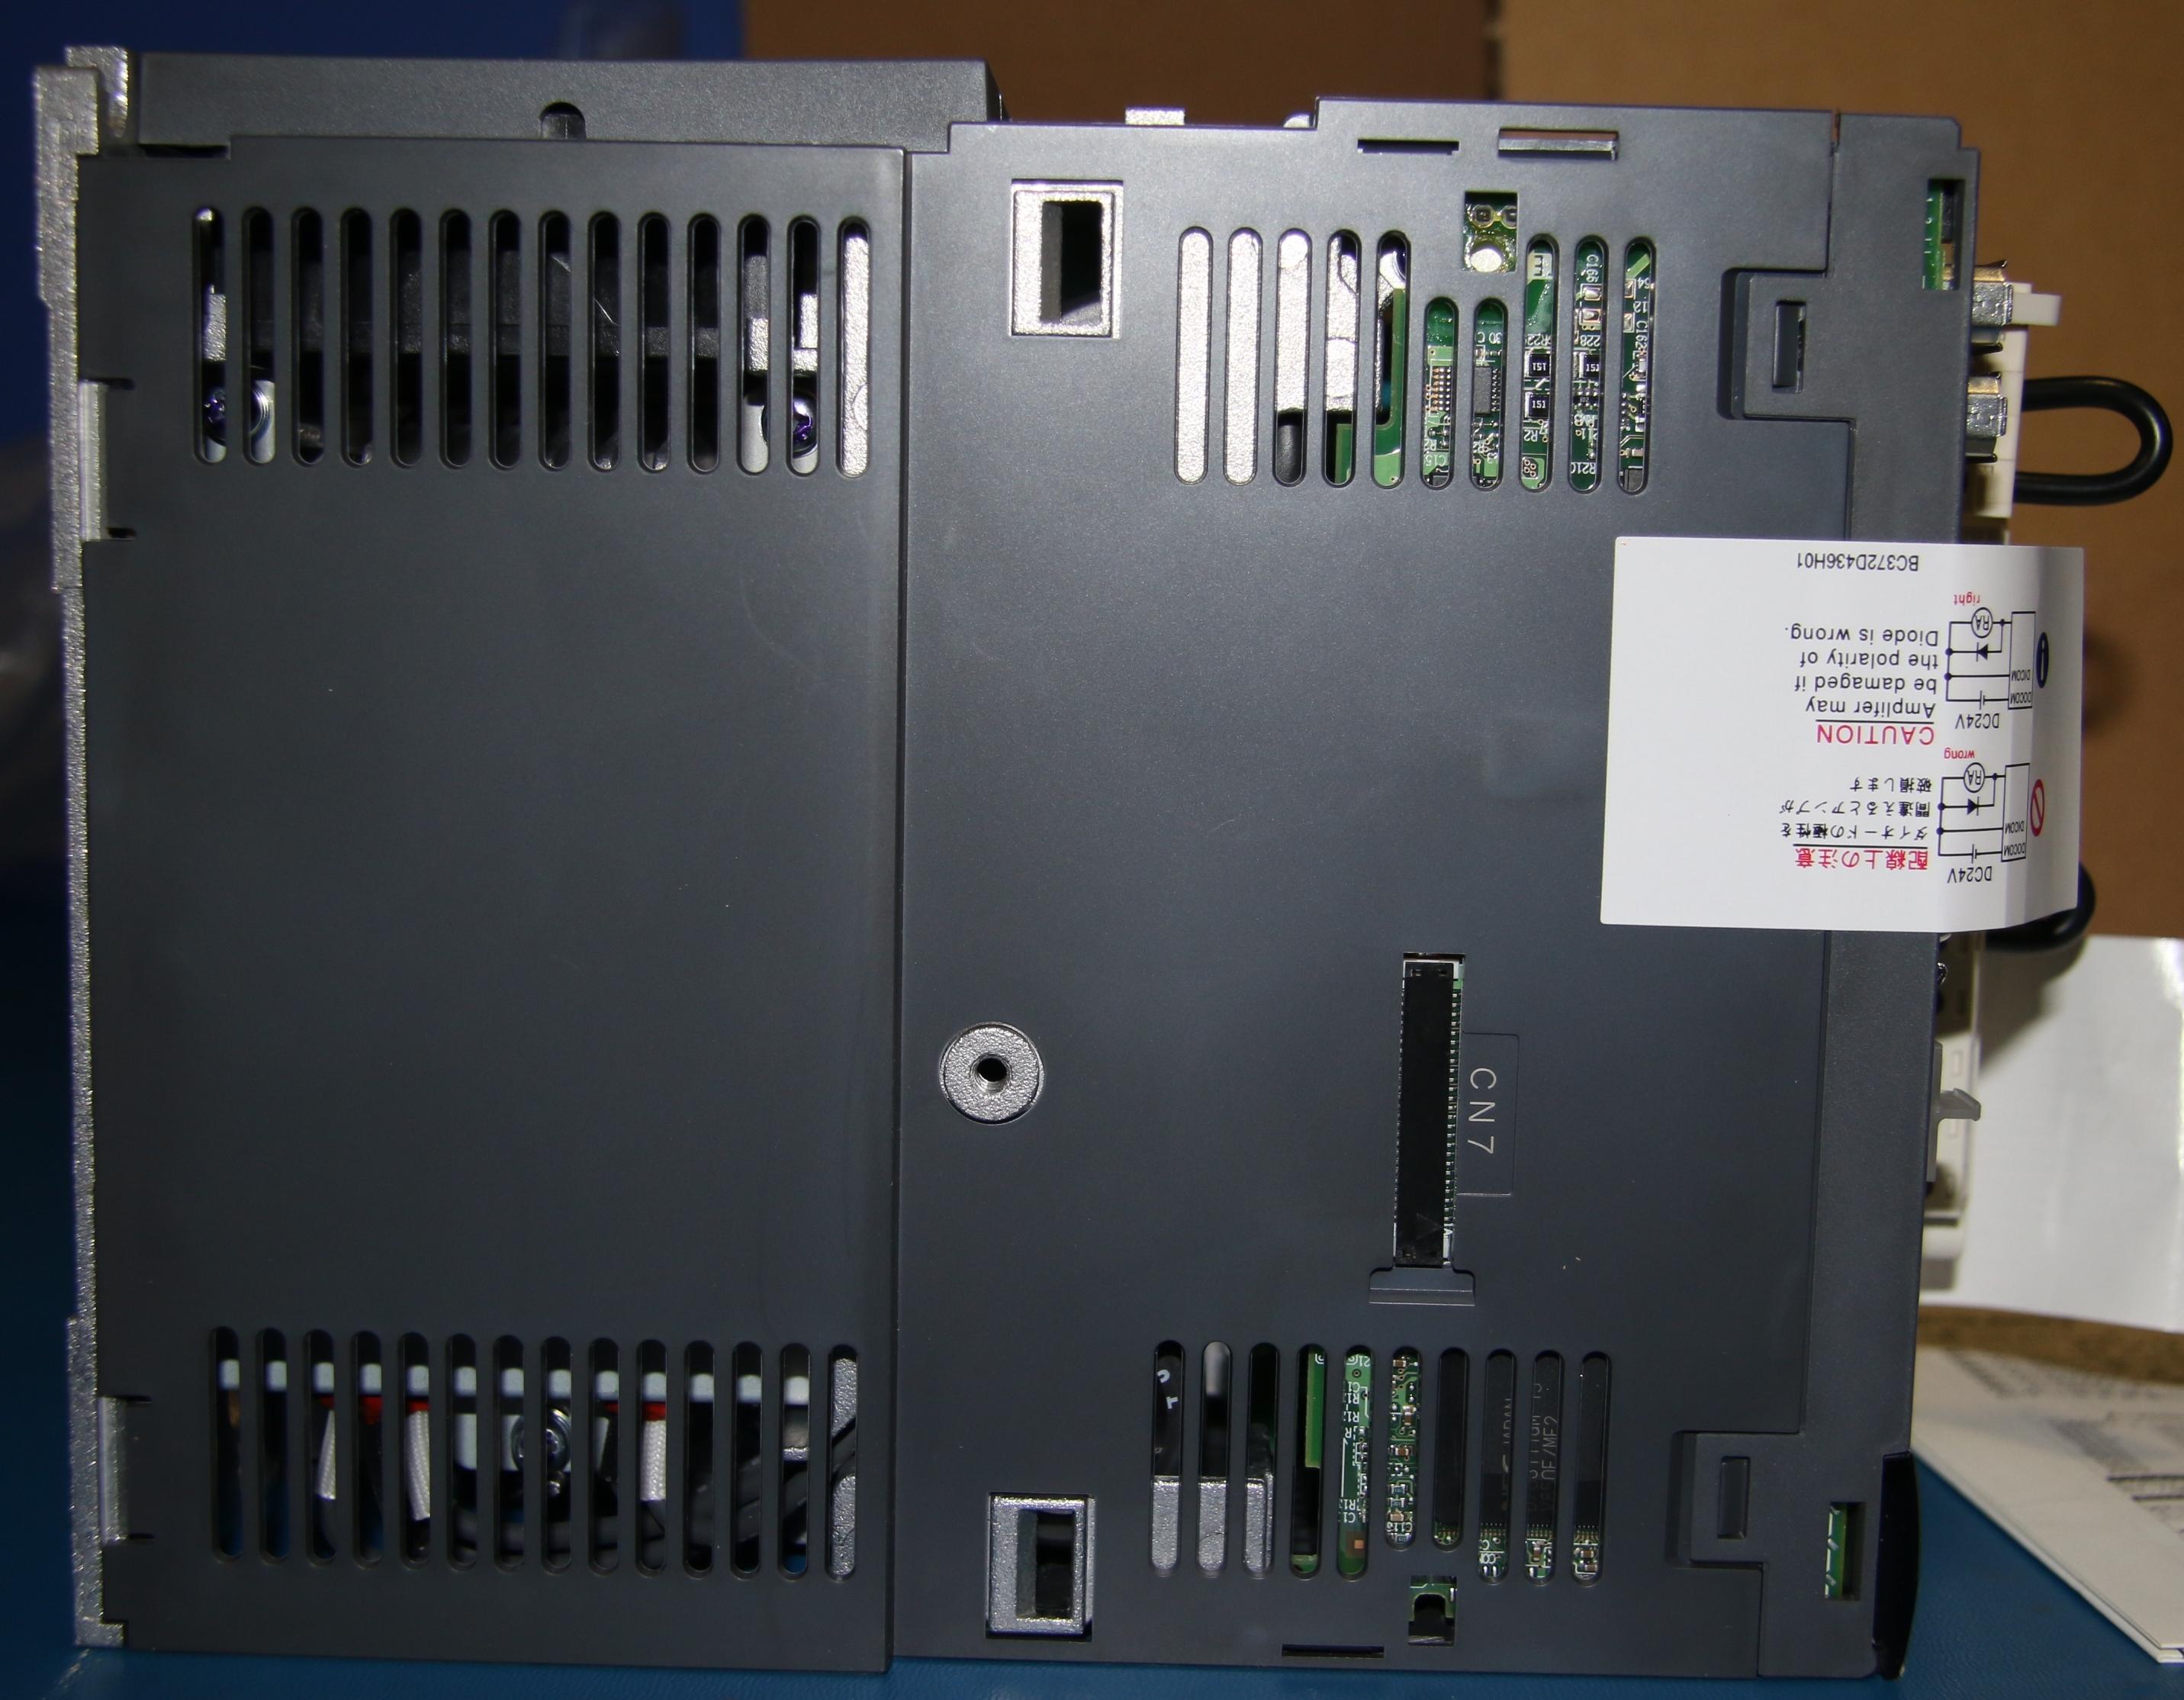 (1) New Mitsubishi MR-J3-200A-RJ158 And Mitsubishi MR-J3-T04 15072